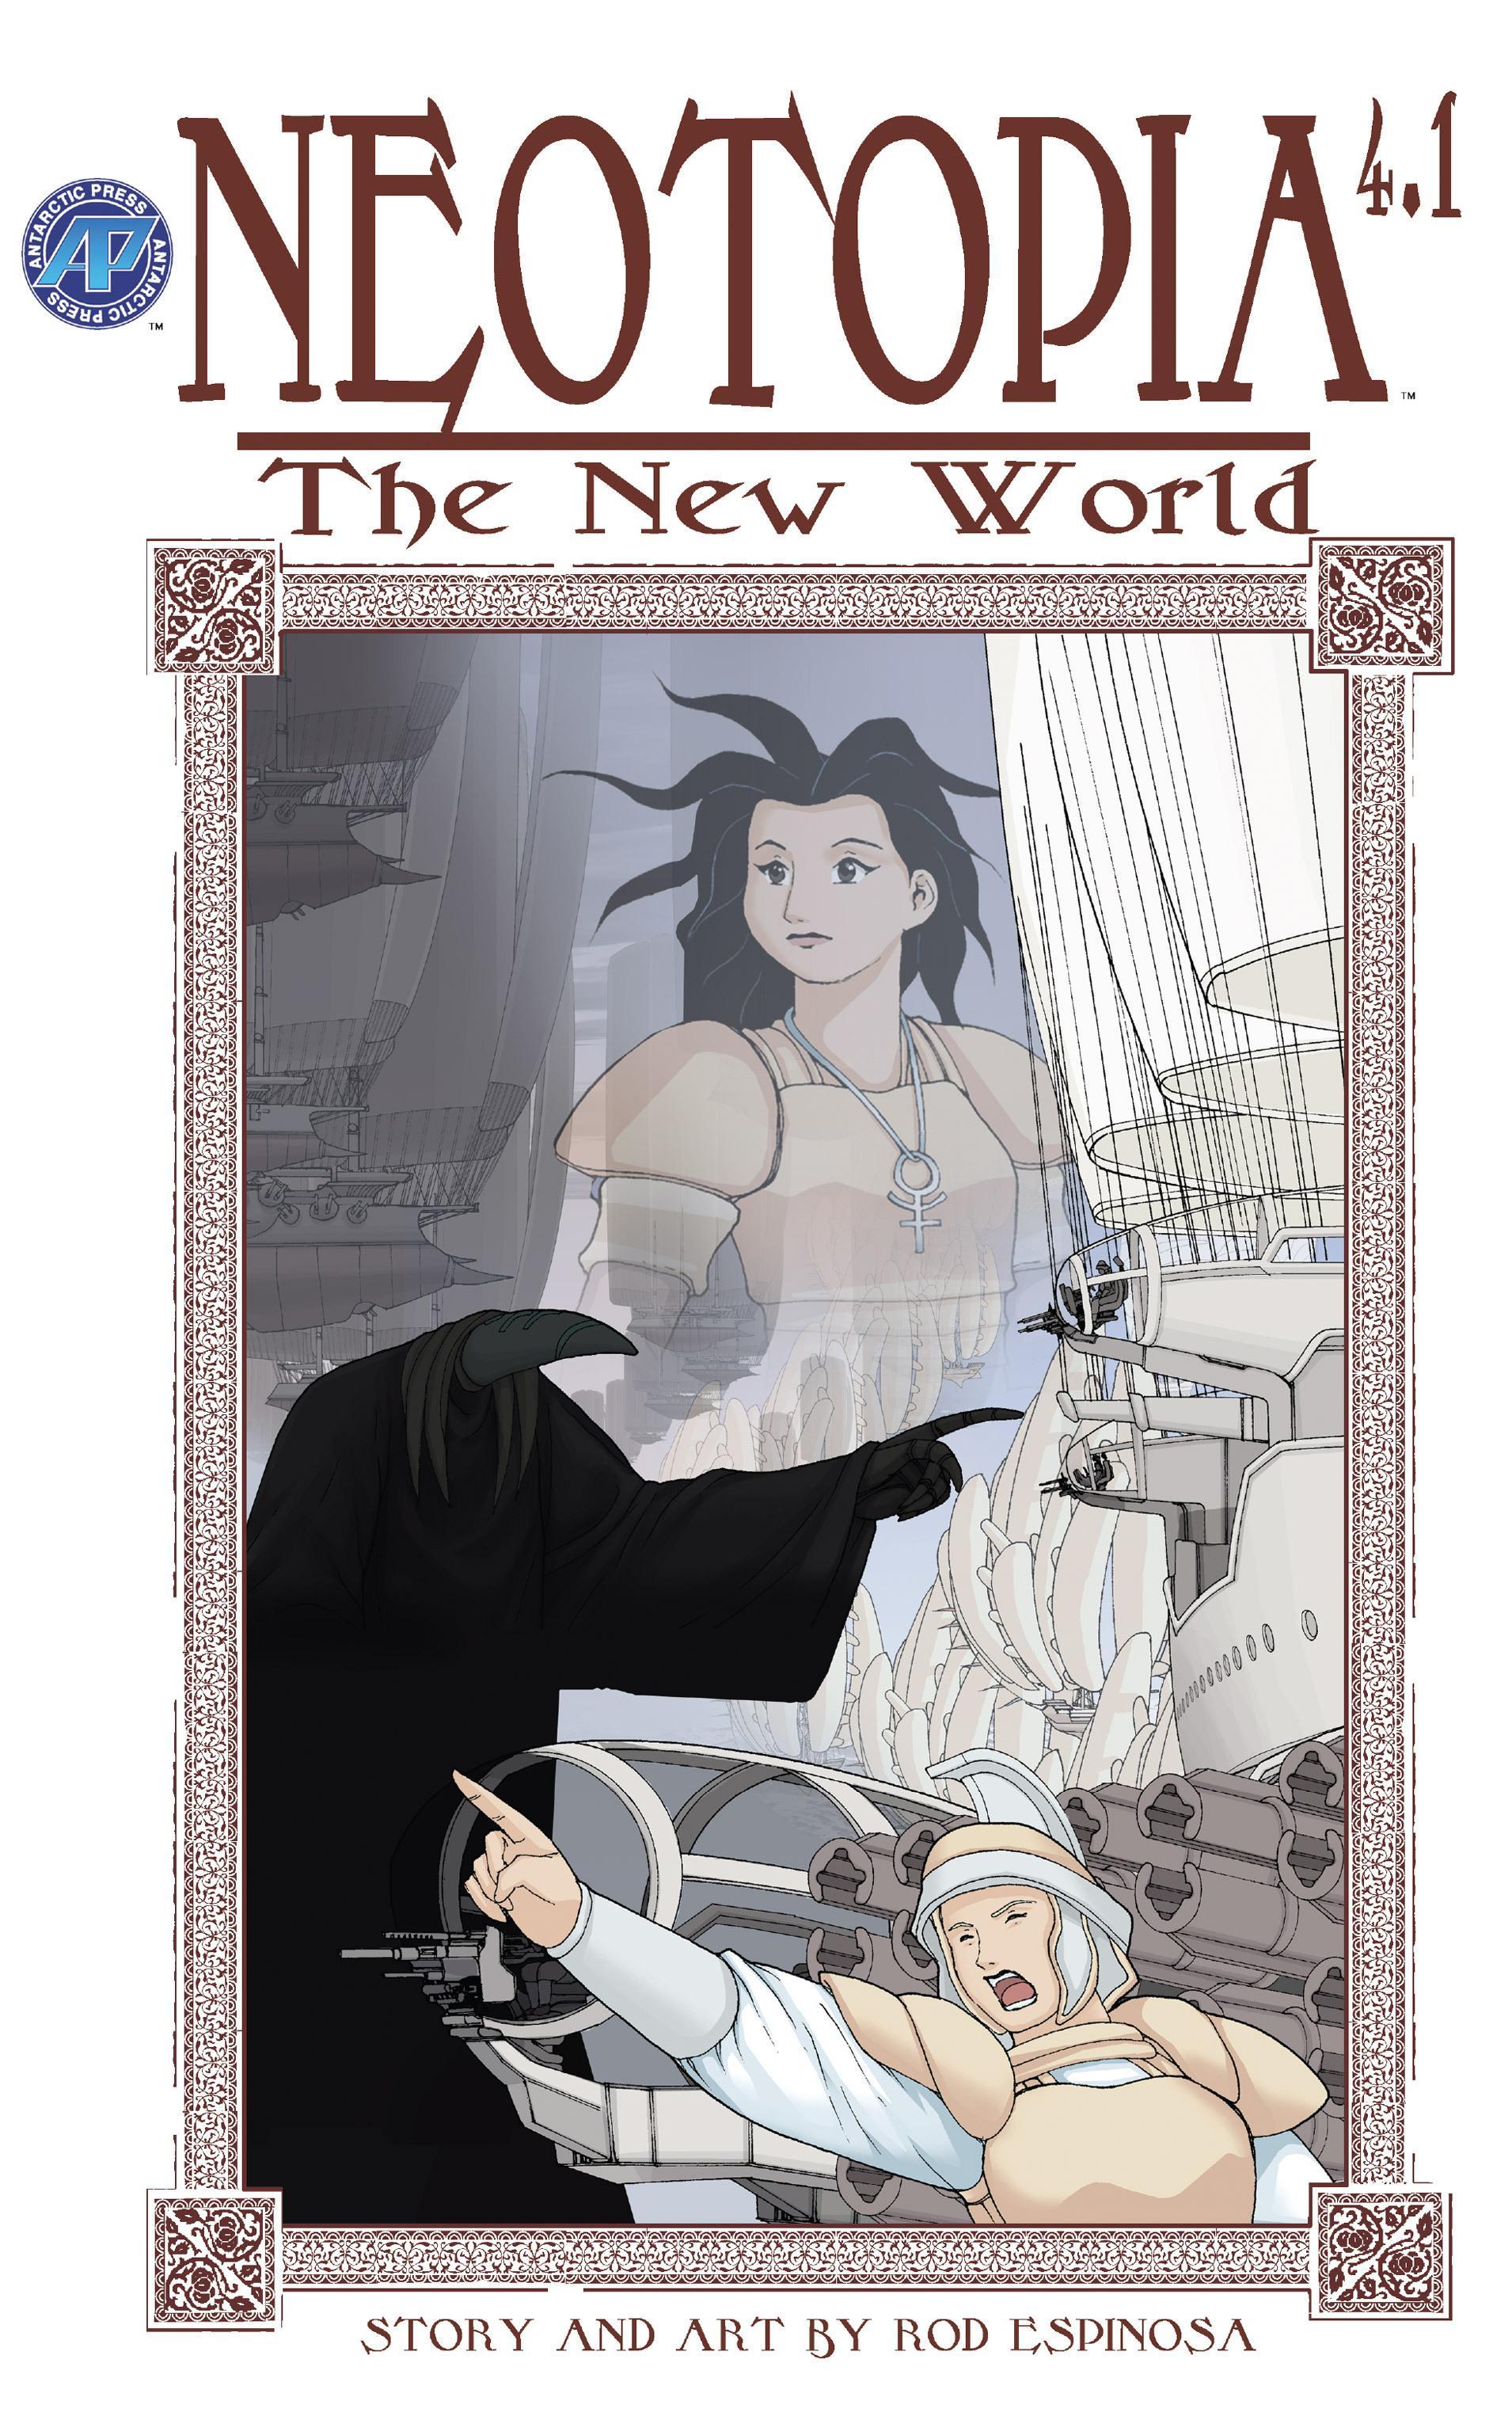 Neotopia v4 The New World 001 005 2004 Neotopia Vol 04 The New World 01 of 05 2004 digital Minutemen Annika